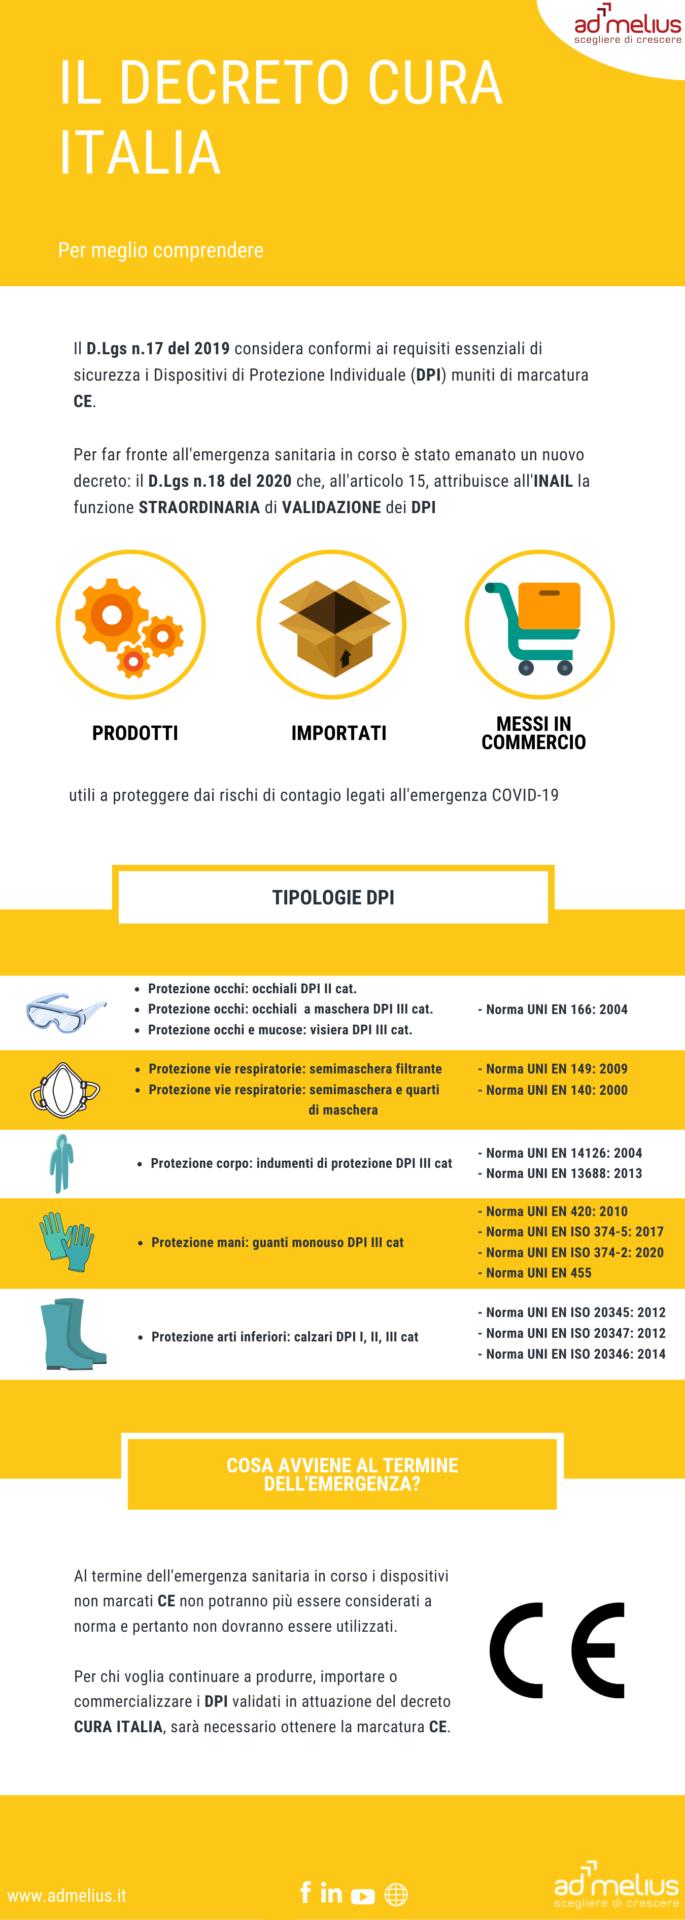 infografica decreto cura italia dpi giallo